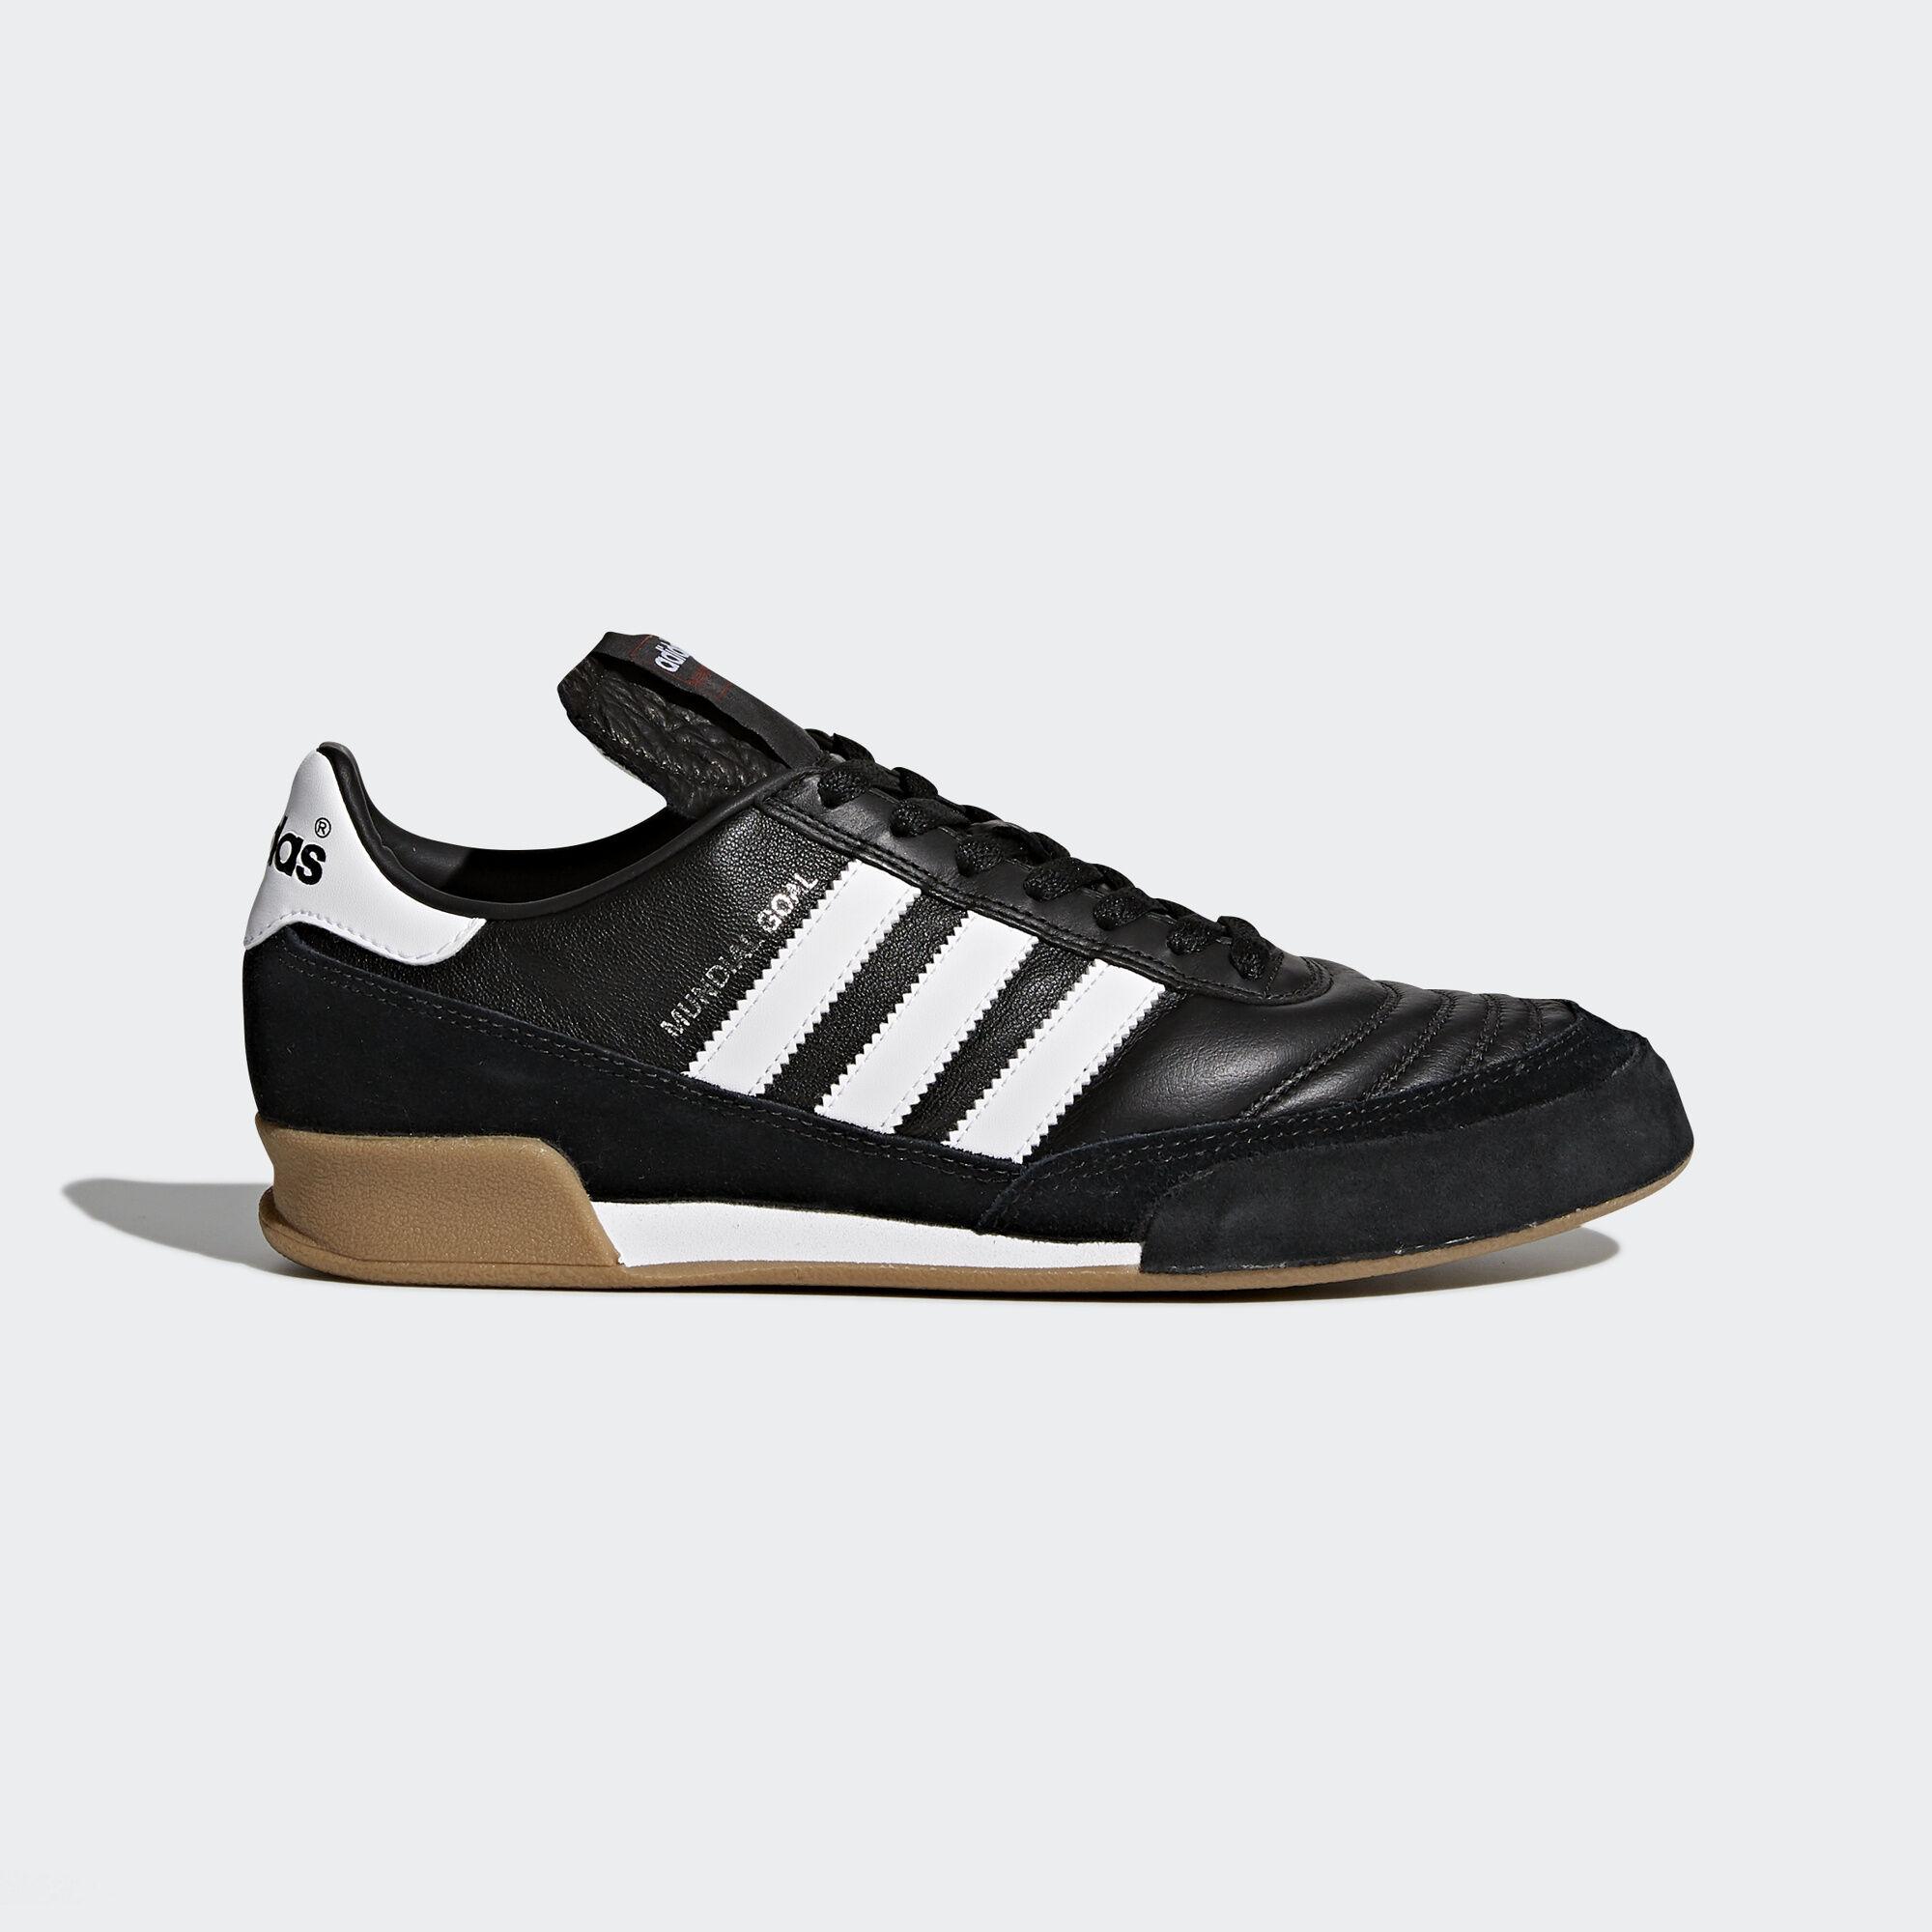 Adidas Schuhe Für Frauen